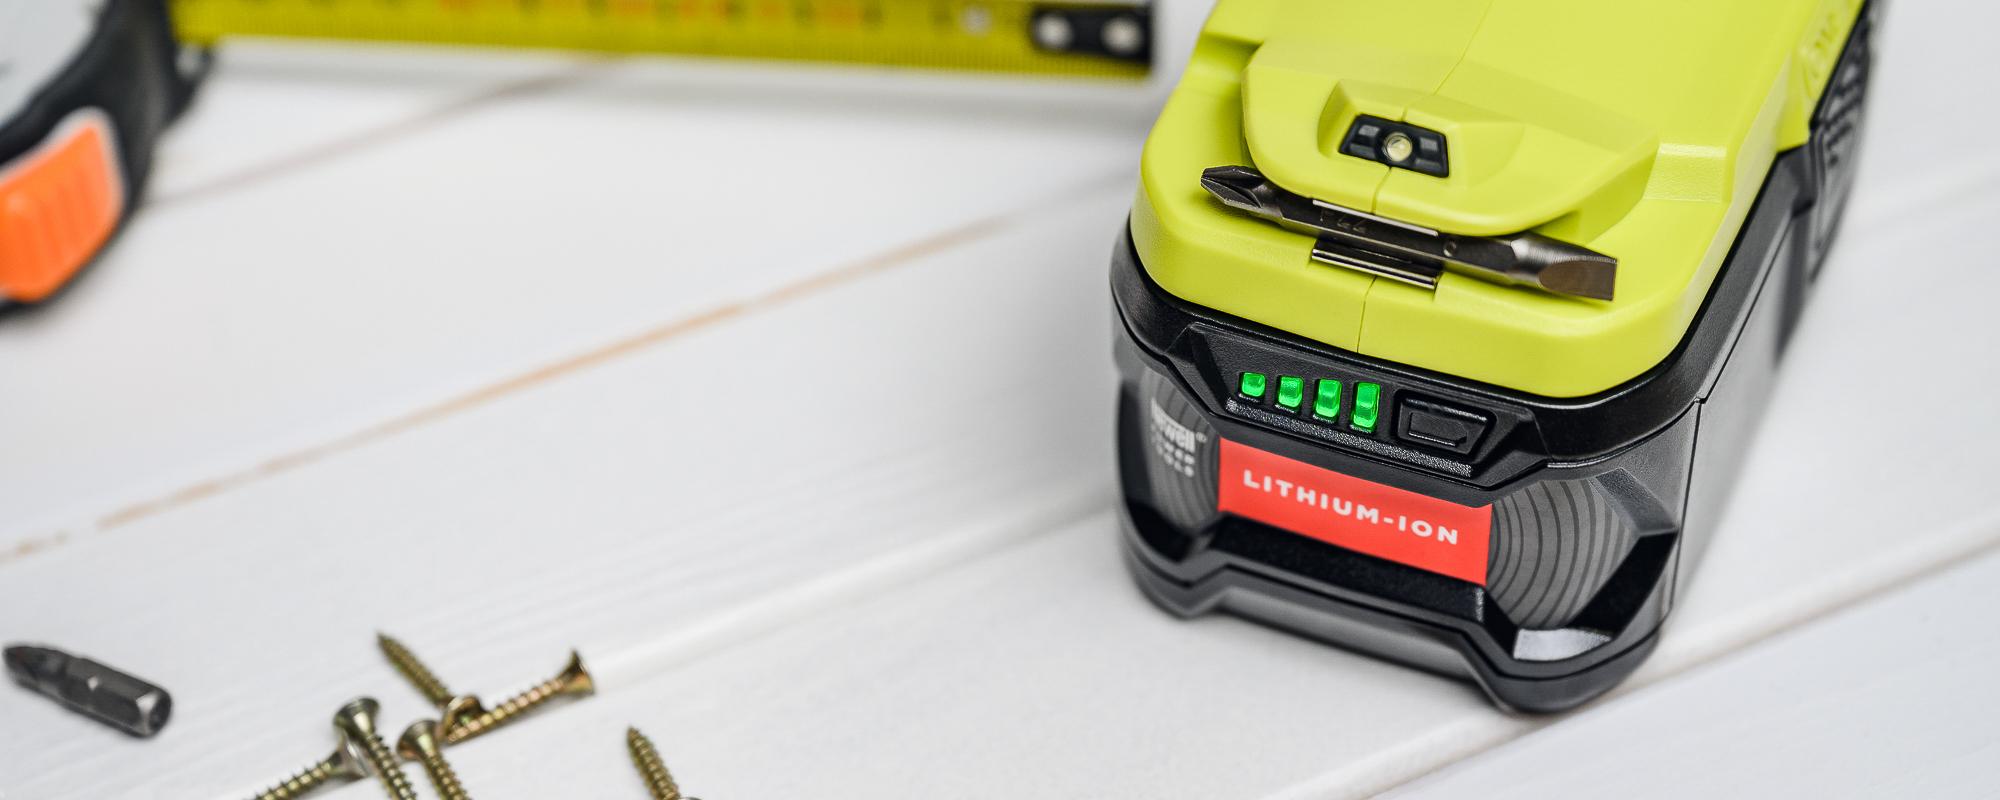 Akumulator RB18L50 na blacie